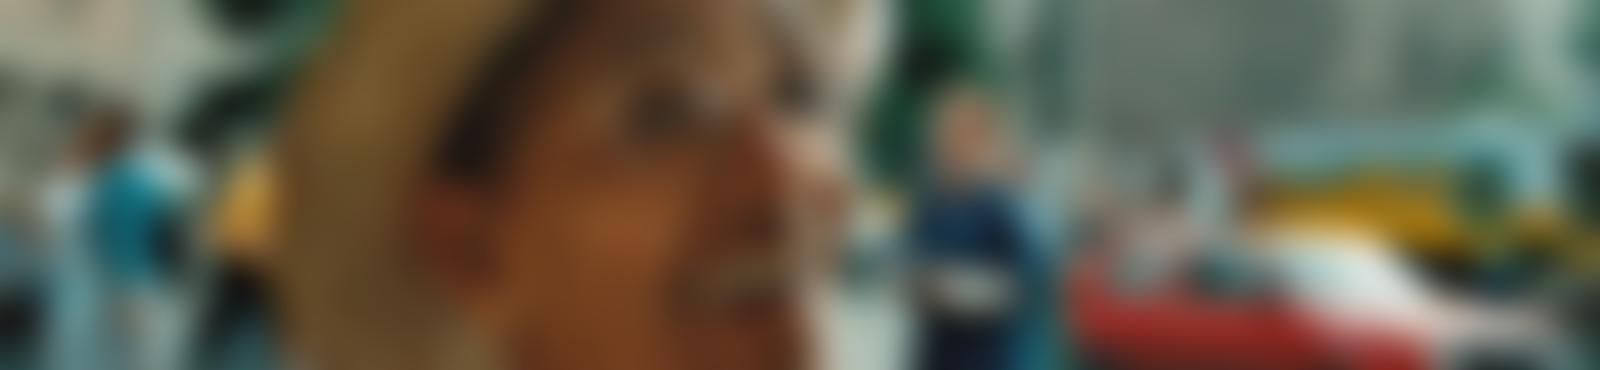 Blurred 17 audre portrait cowboy 1991